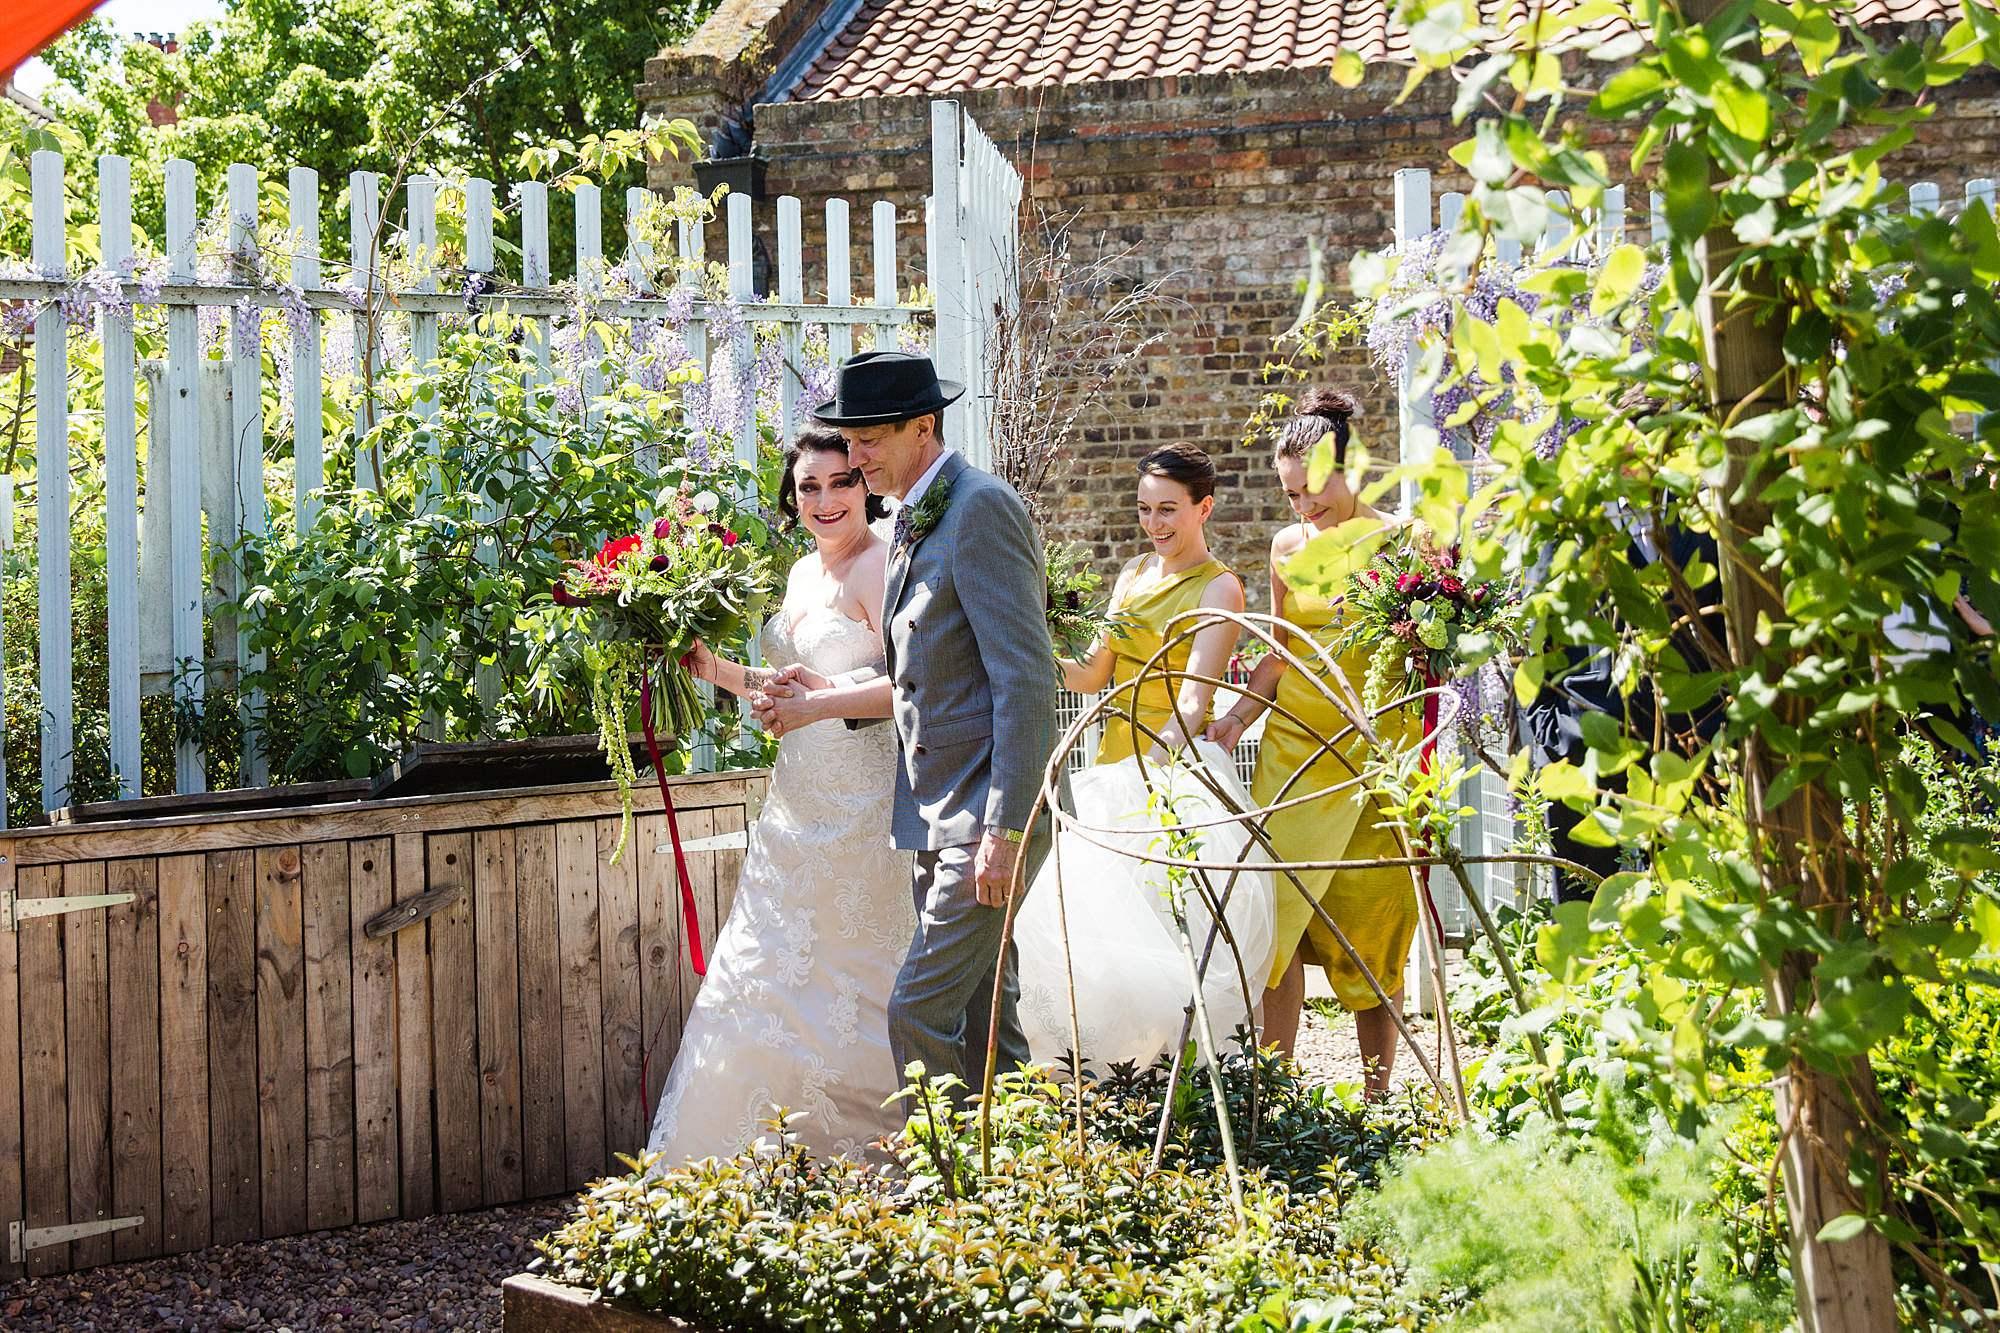 Brunel museum wedding bride walks into garden